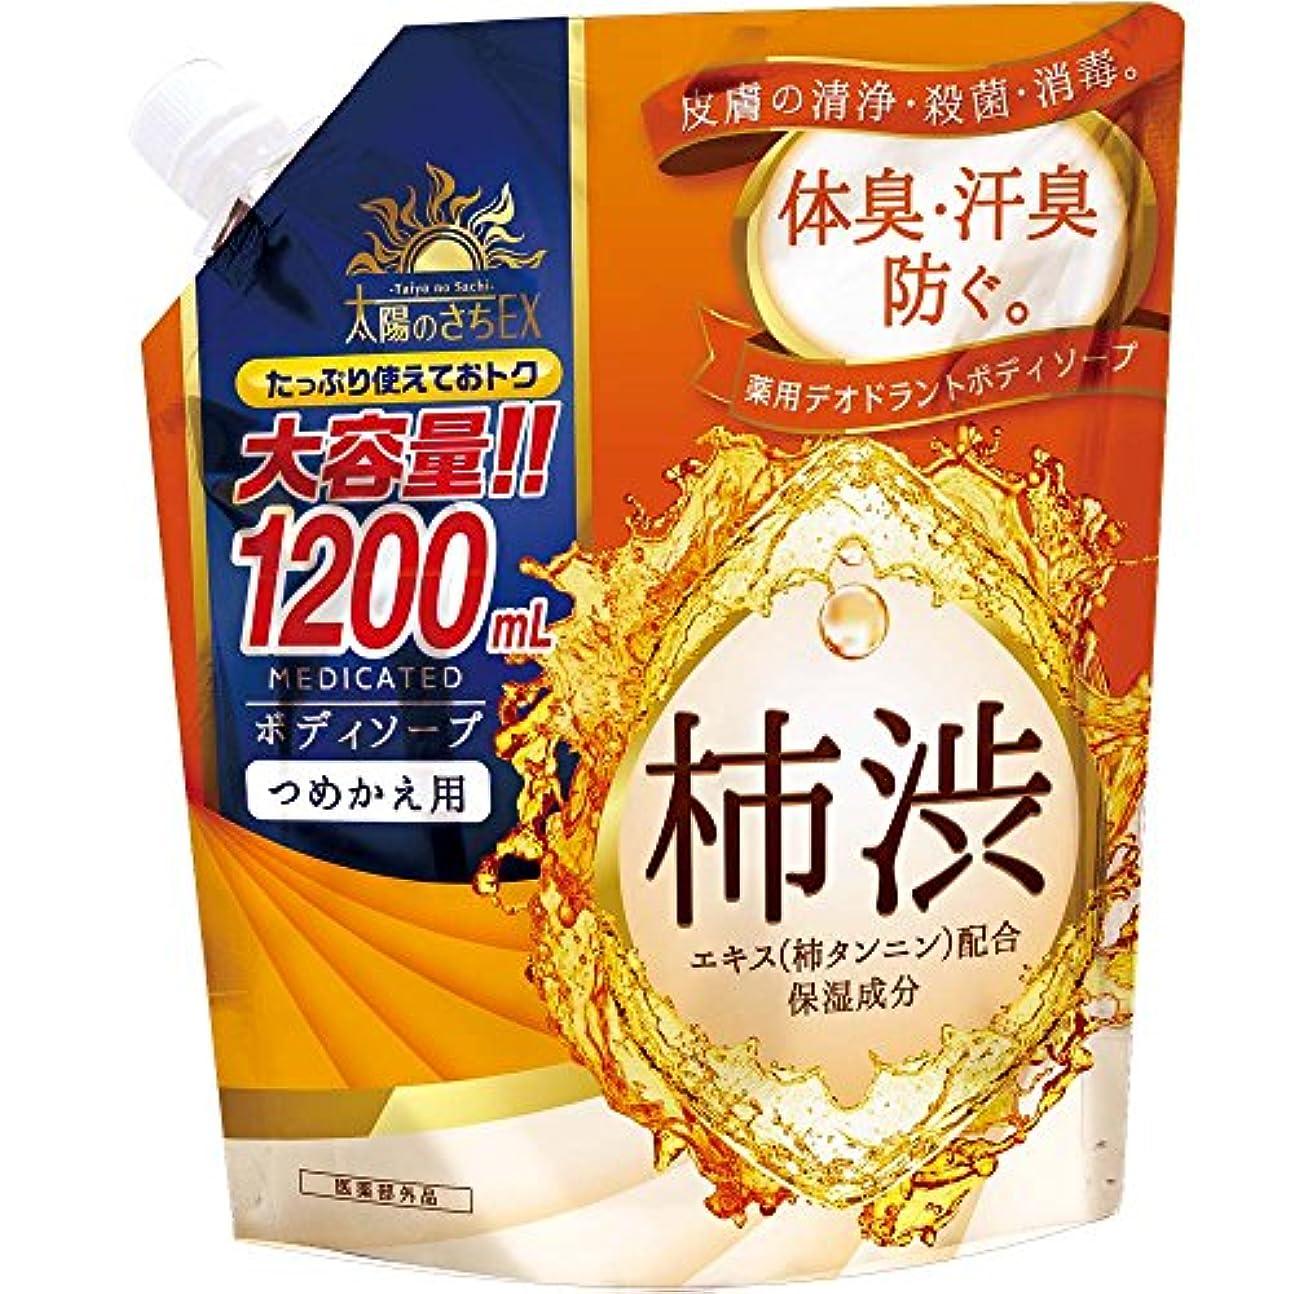 例示するモーションリスク薬用太陽のさちEX柿渋ボディソープ 大容量 1200mL